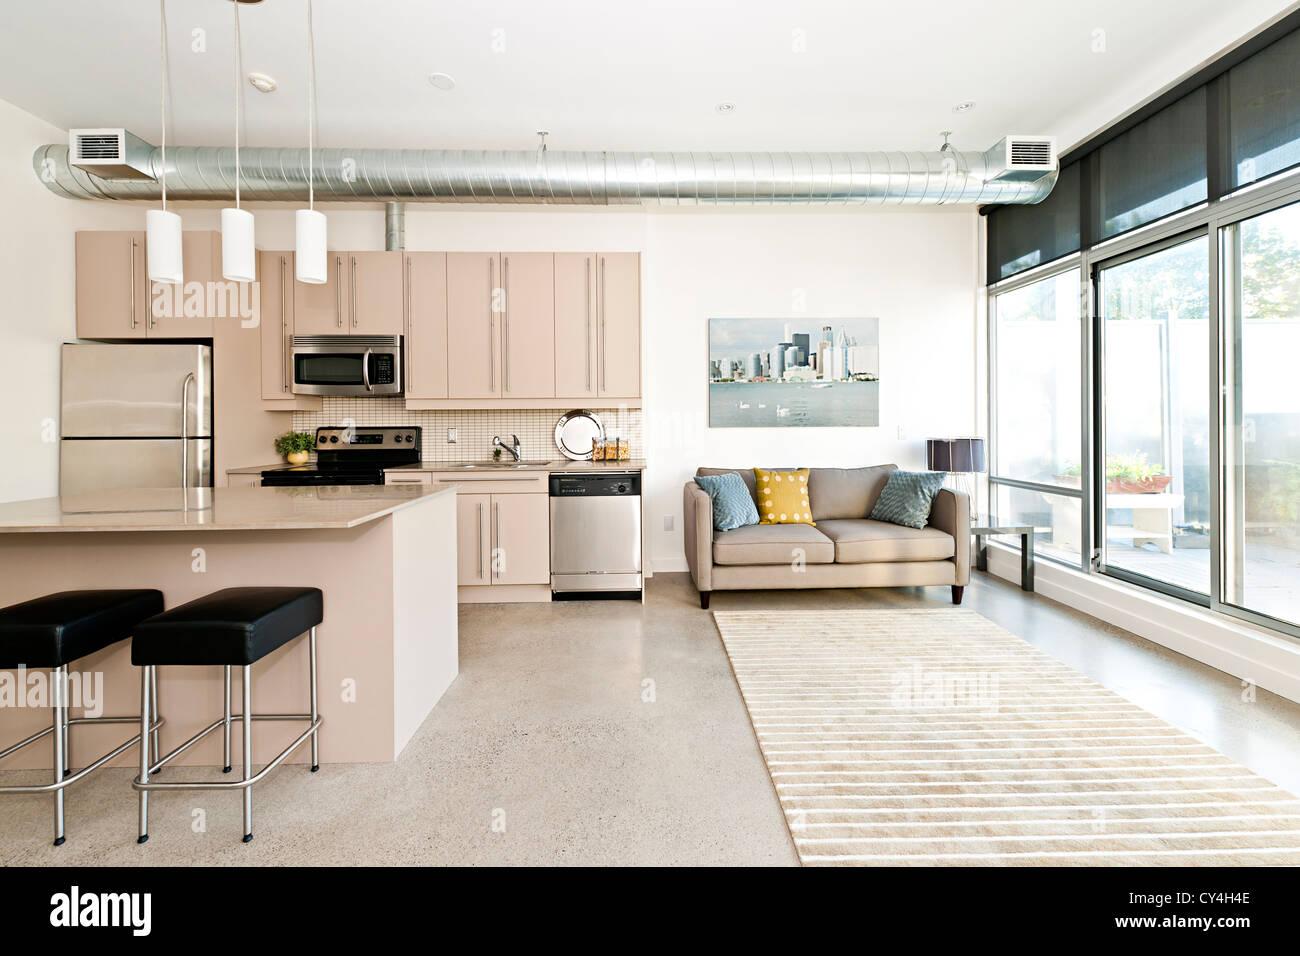 Cuisine et salon d'appartement loft - œuvre de photographe portfolio Photo Stock